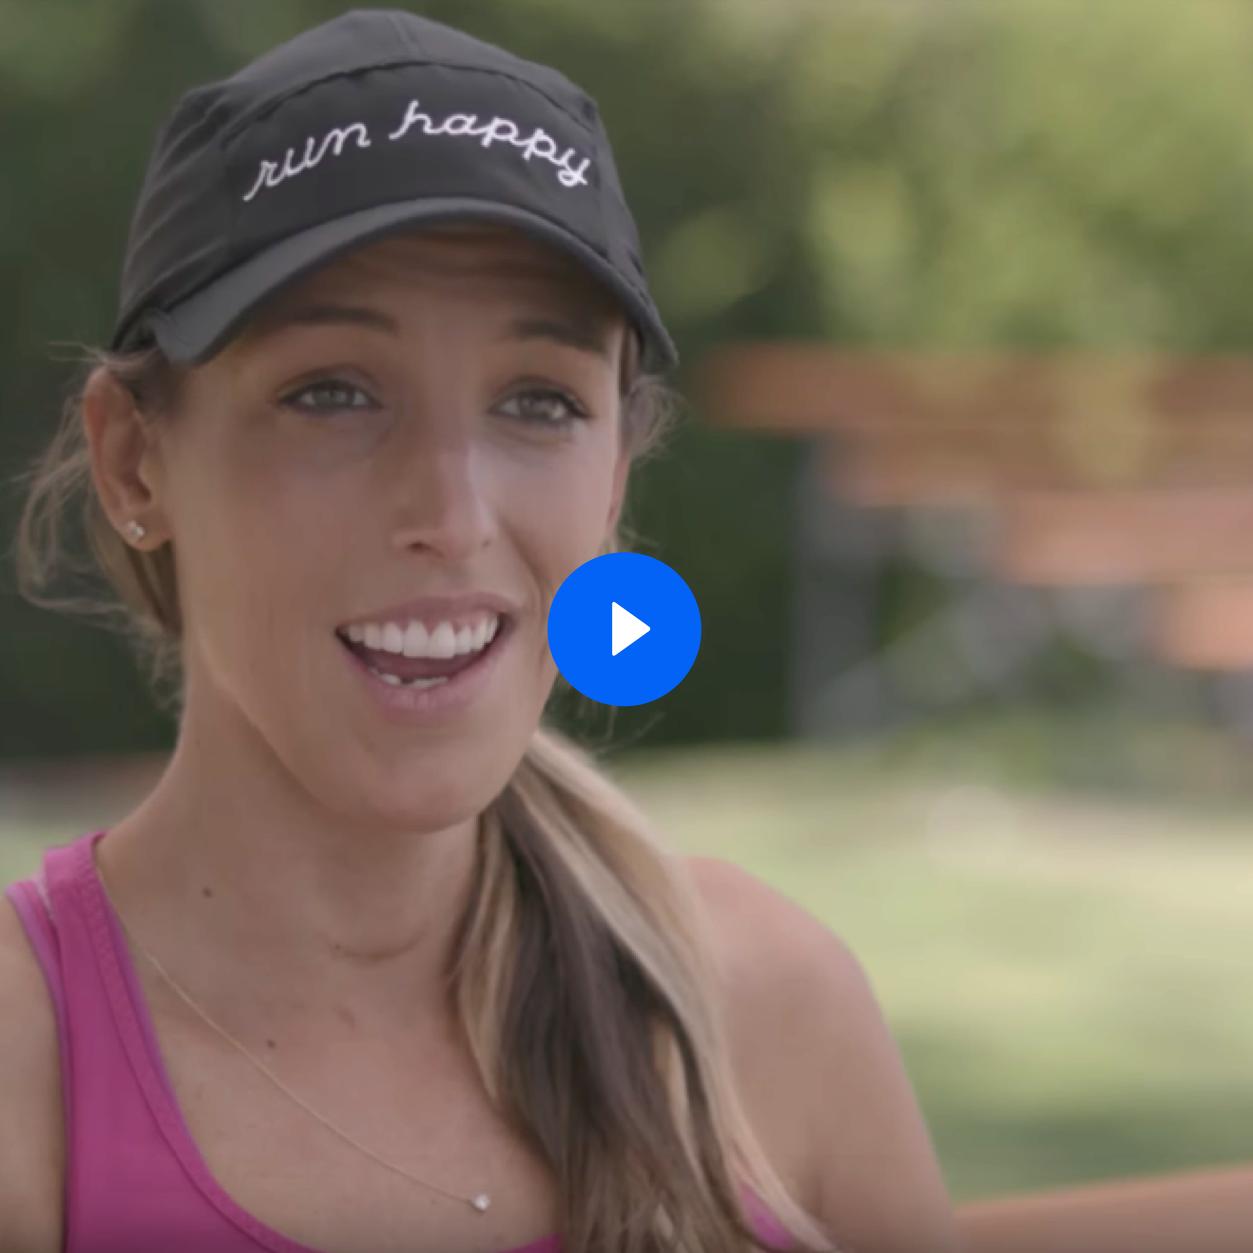 GABE (2017 documentary) - Brooks Running